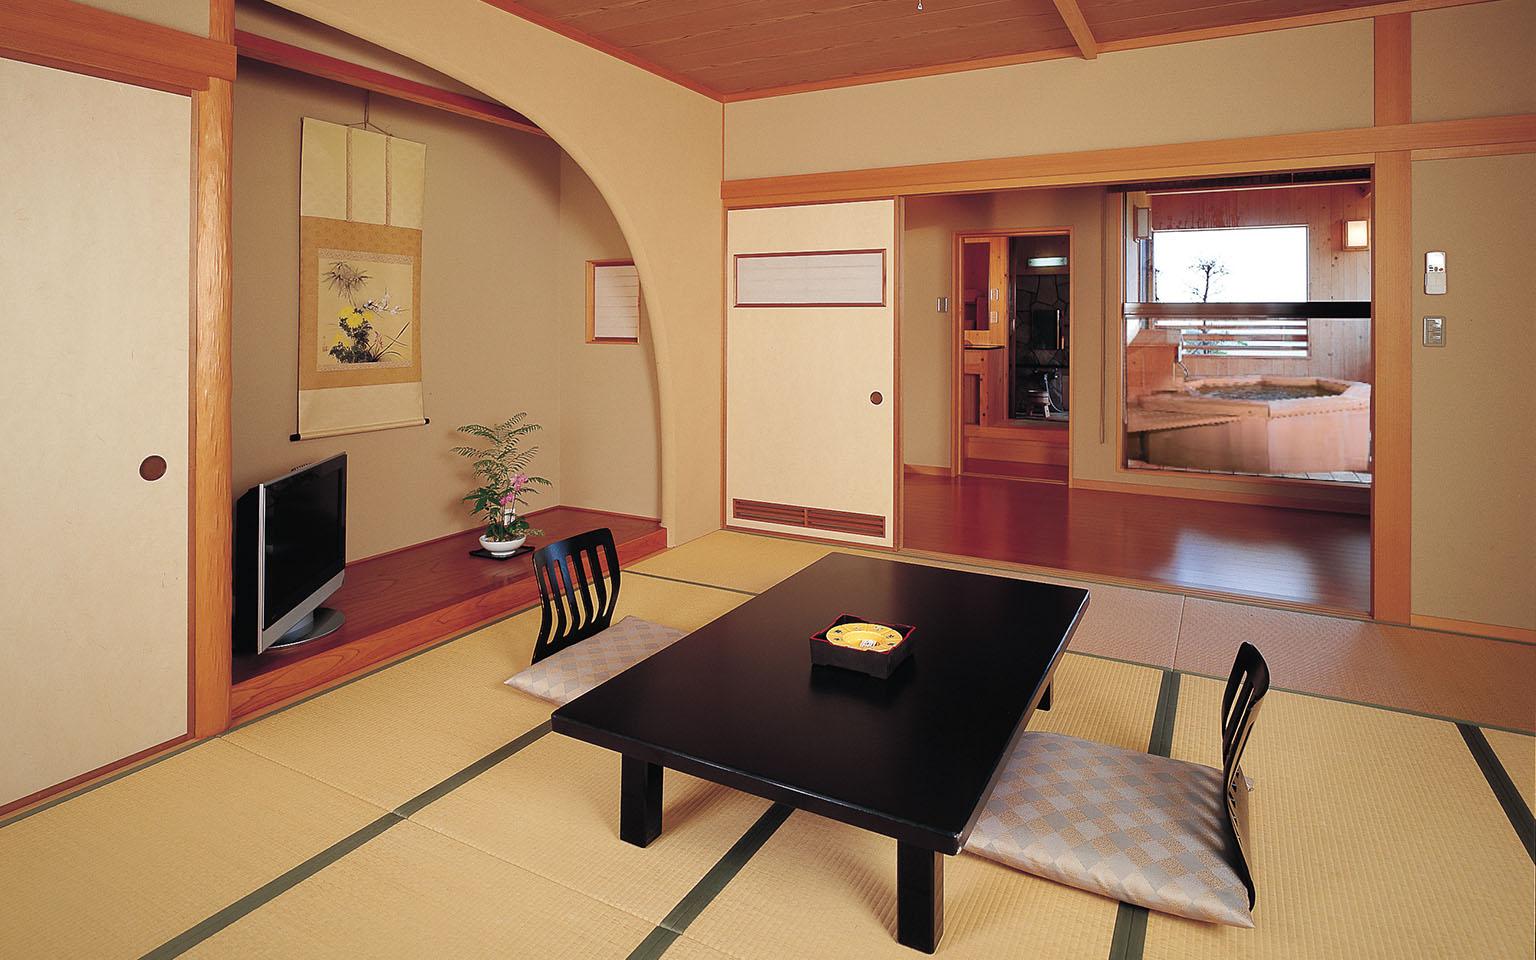 純和風にしつらえた癒しの空間|別館すずき客室